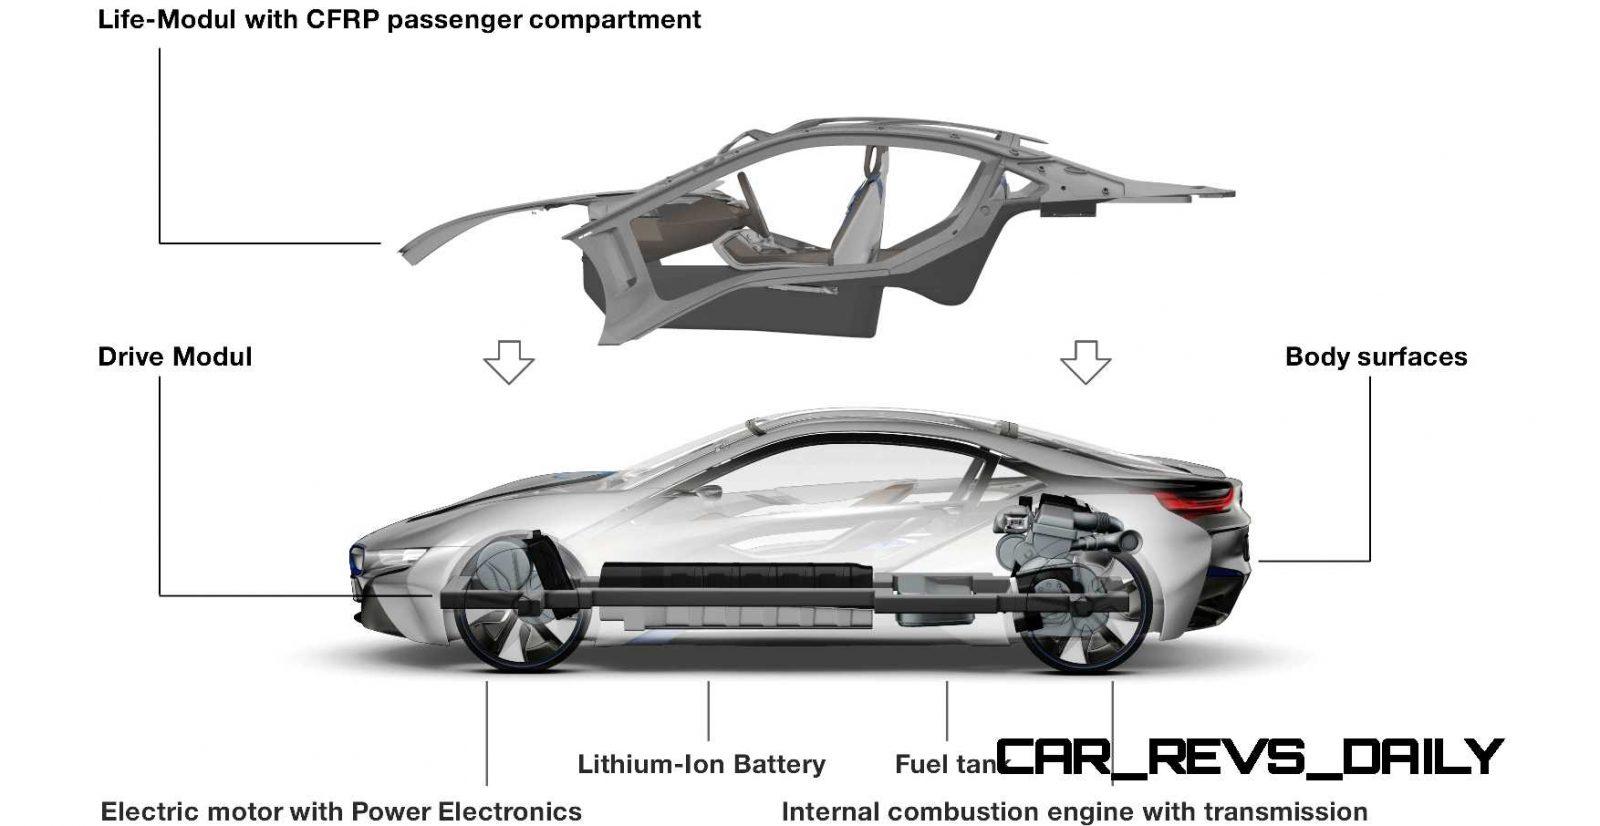 2015 chrysler 200 wiring diagram airbag